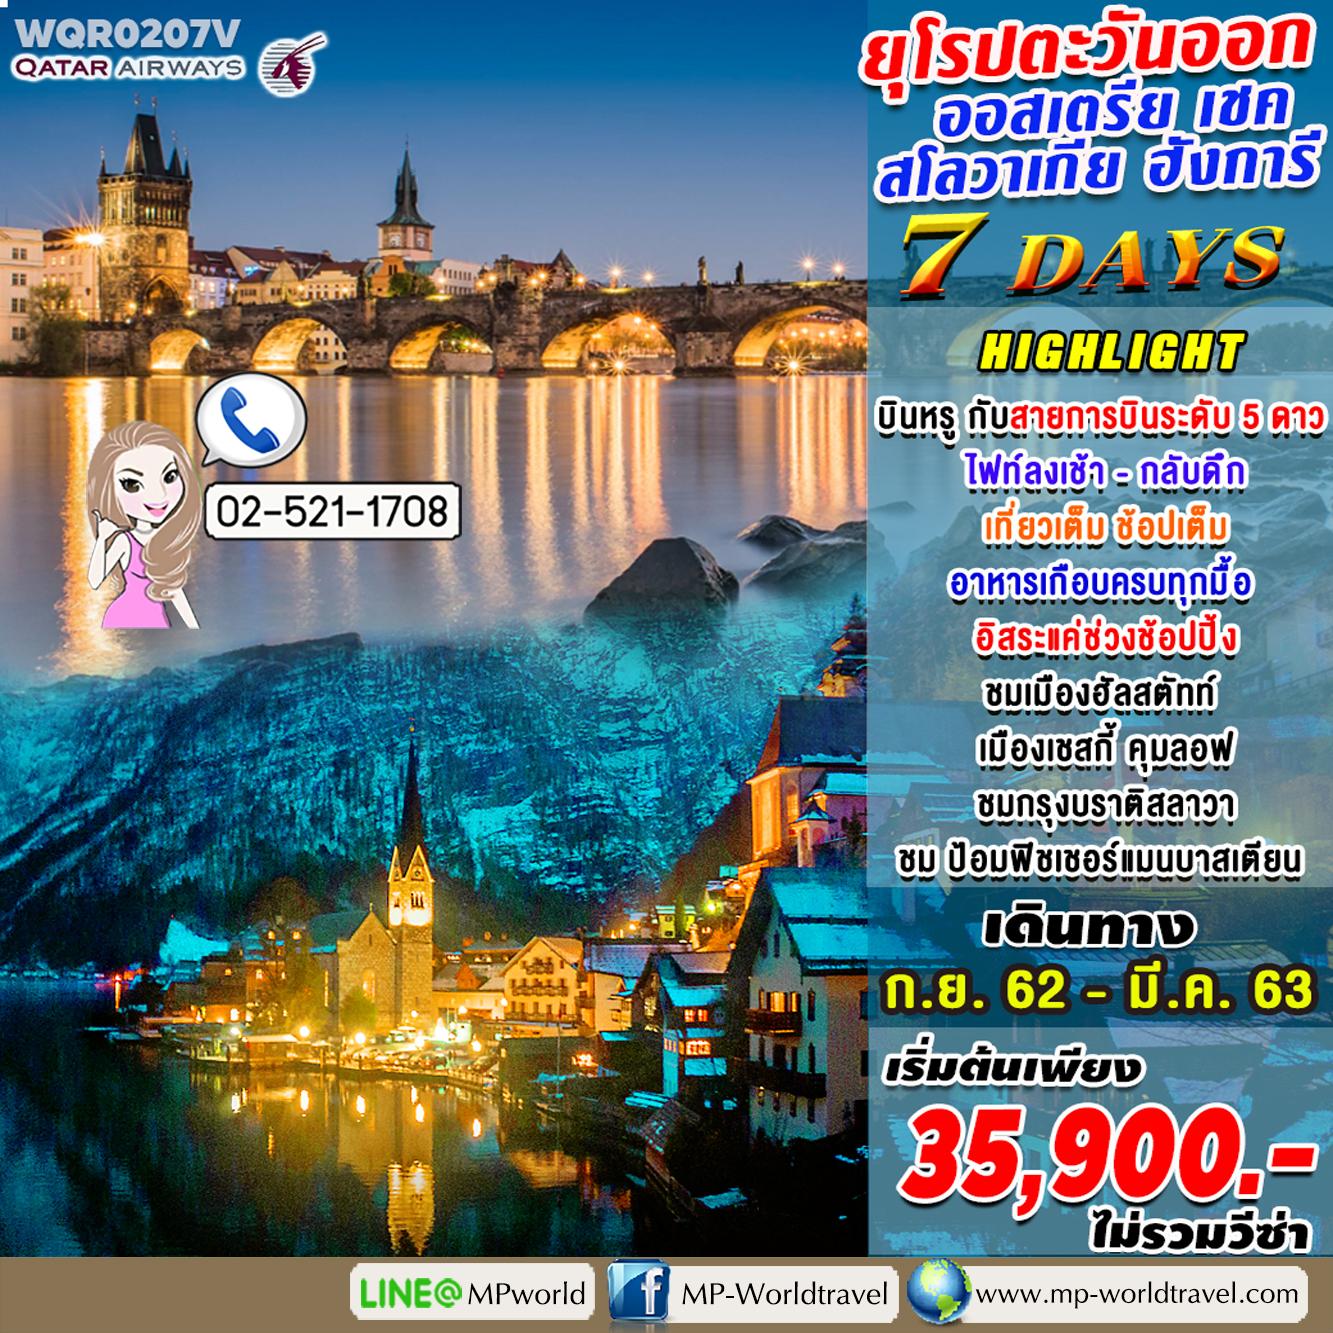 ทัวร์ยุโรปตะวันออก 7 วัน ออสเตรีย เชค สโลวาเกีย ฮังการี